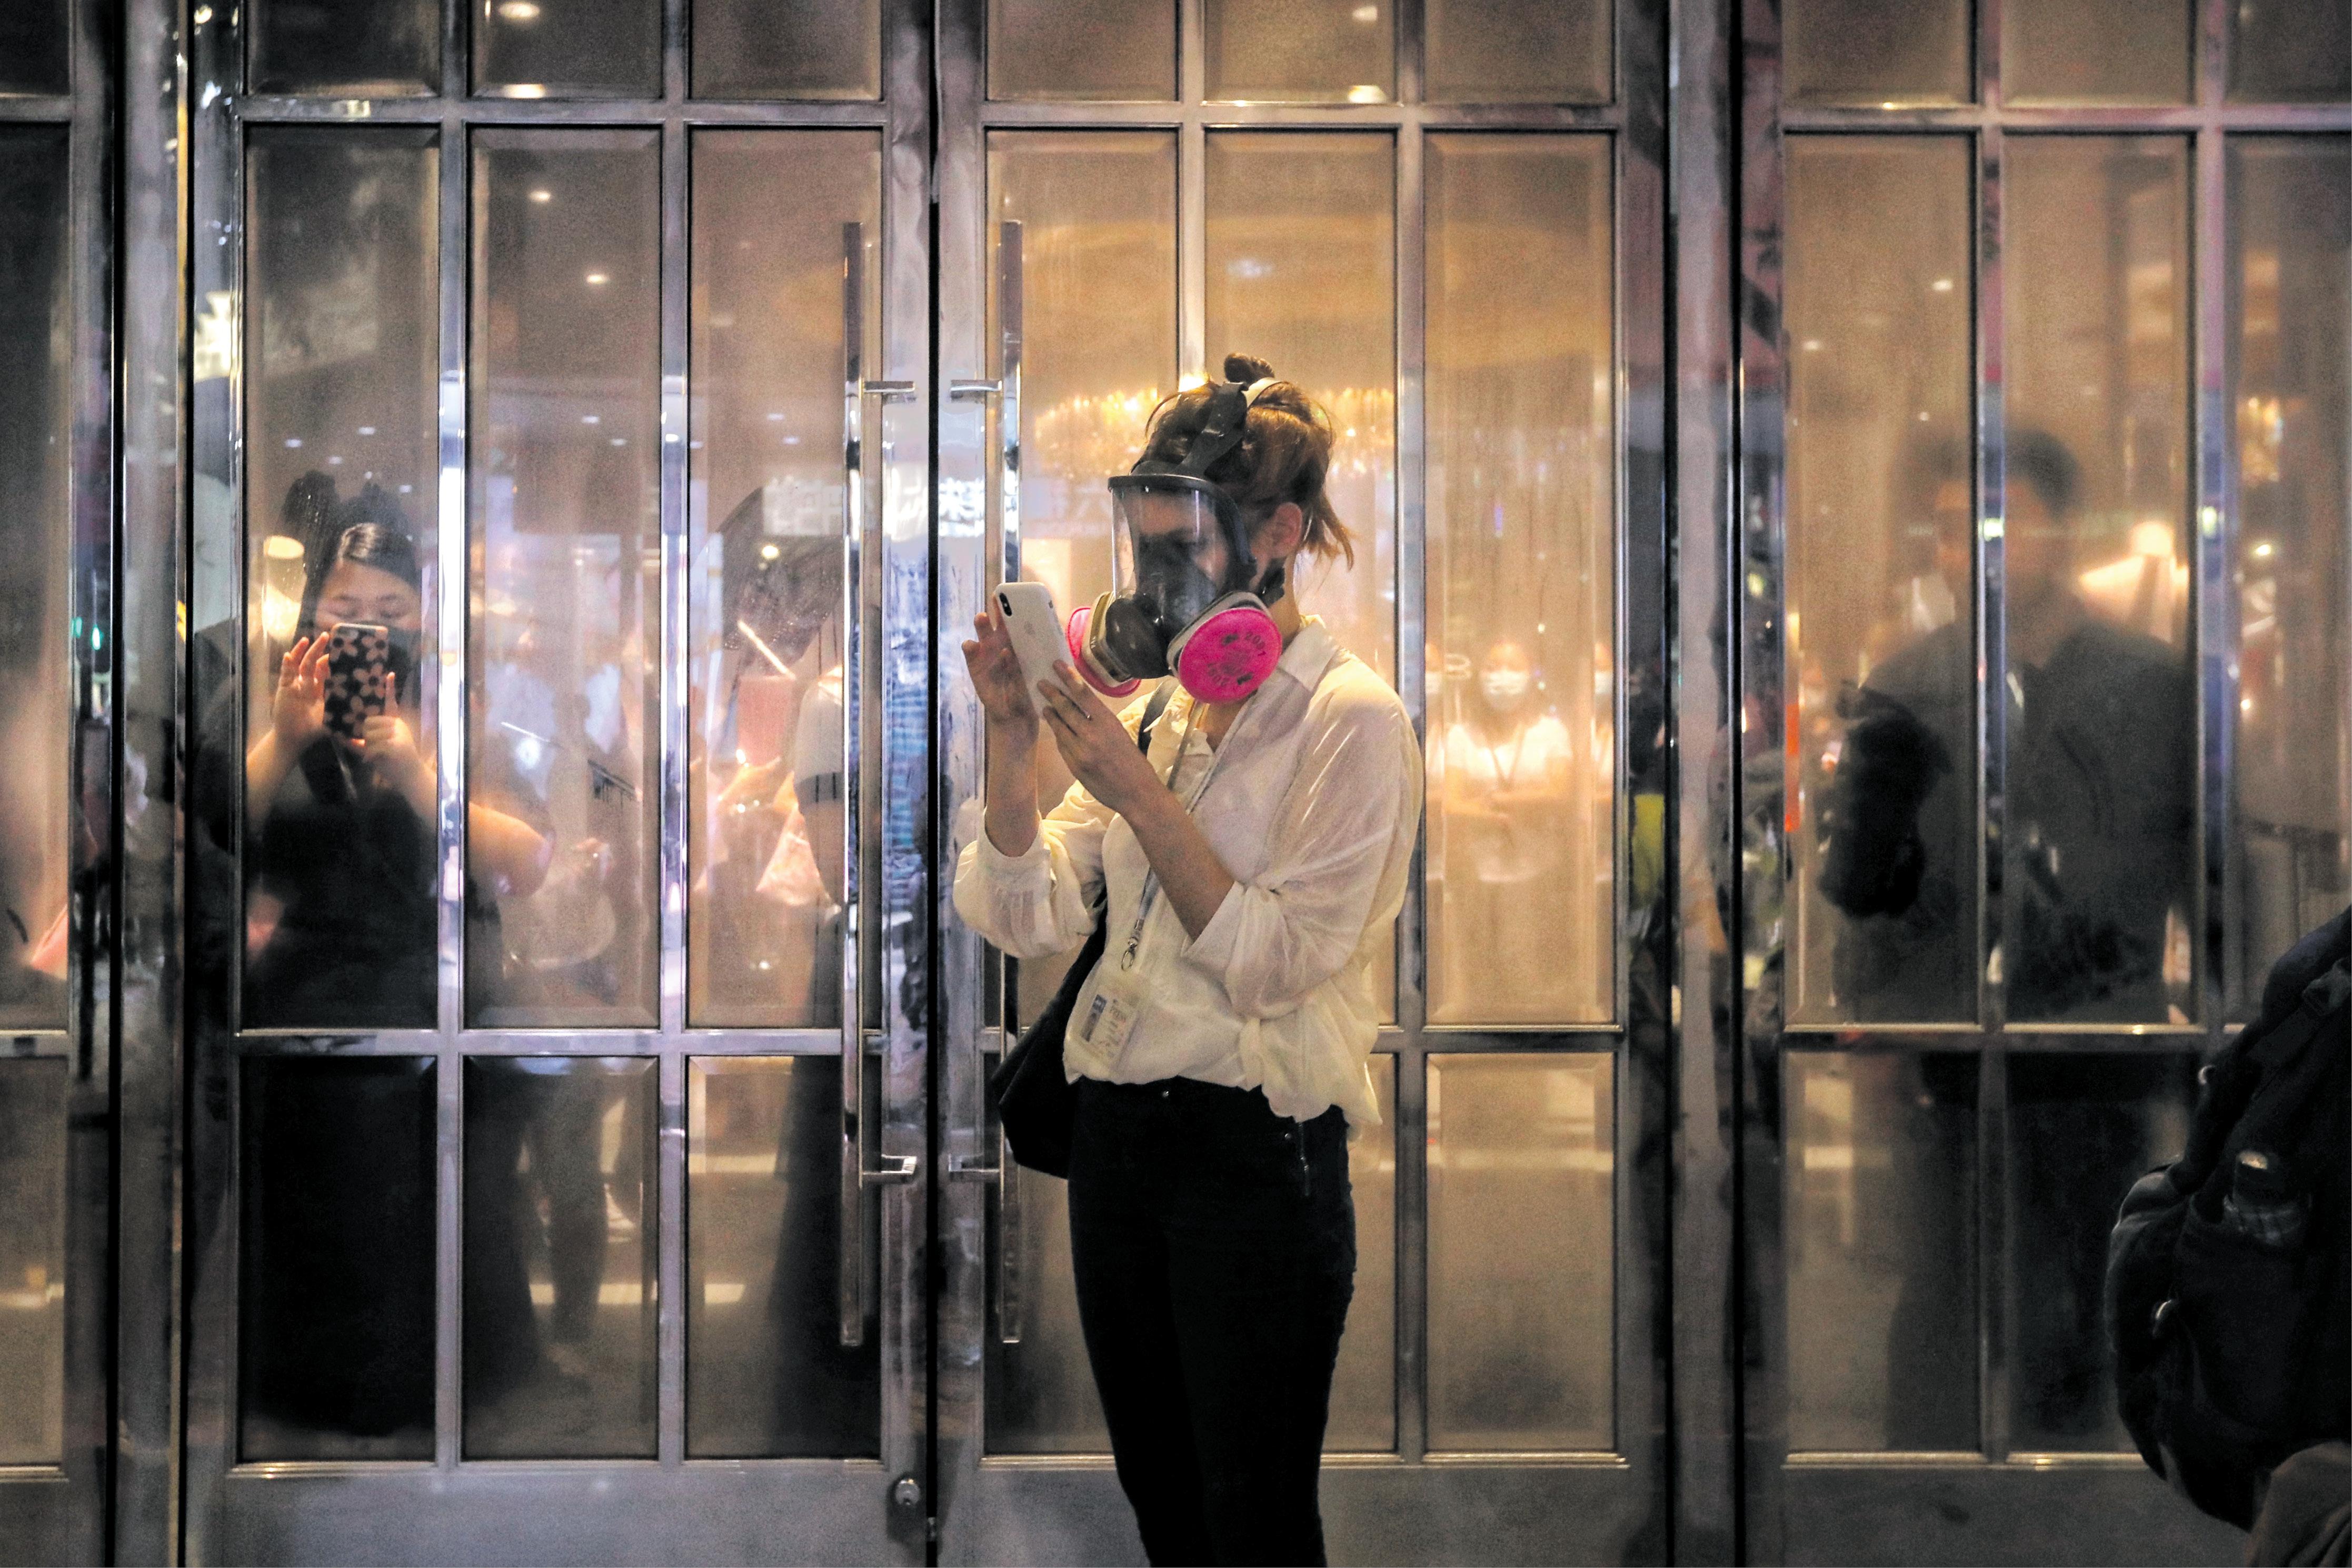 Frauen treffen griffen, Doppl partnersuche ab 50 - Dating den